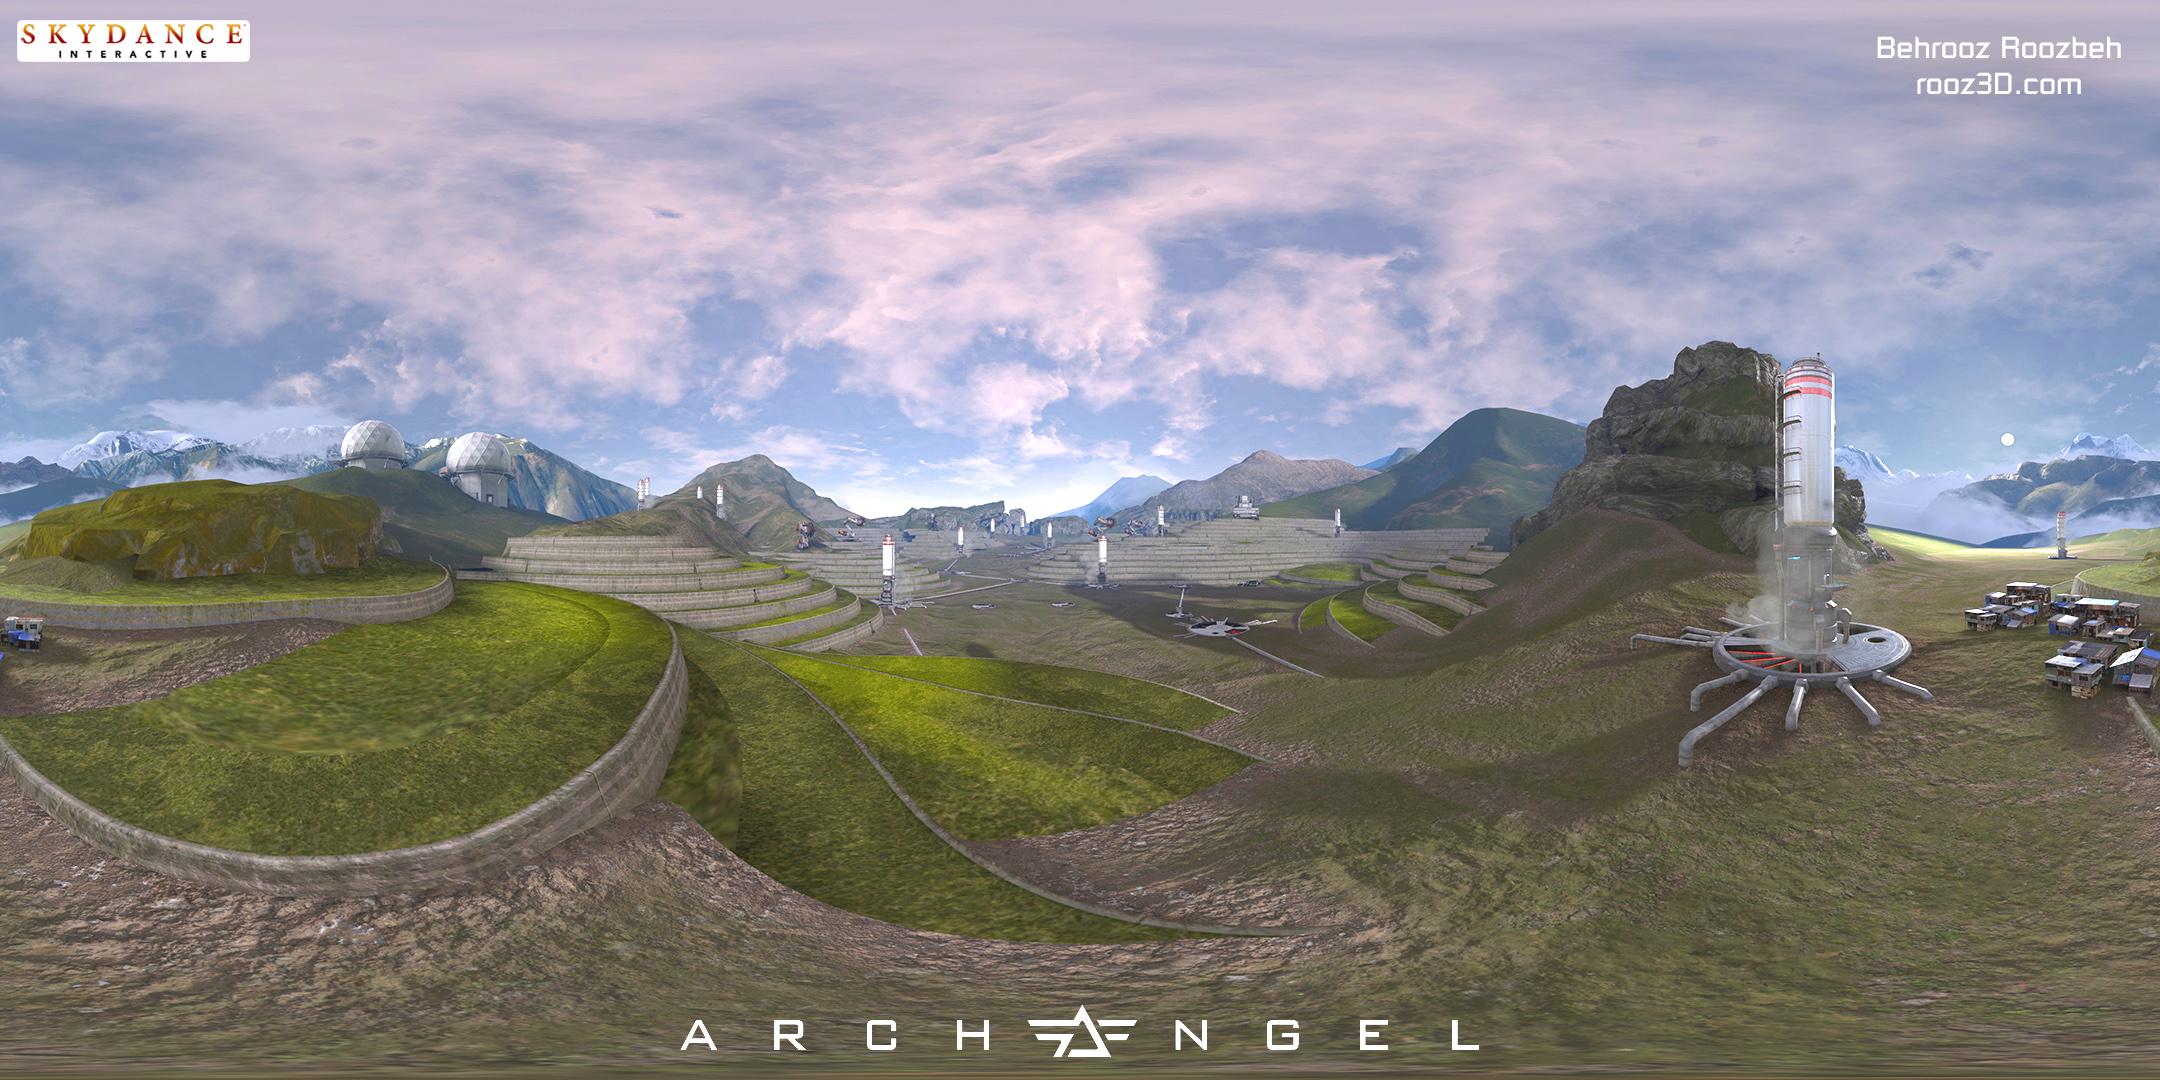 Archangel_VR_010.jpg